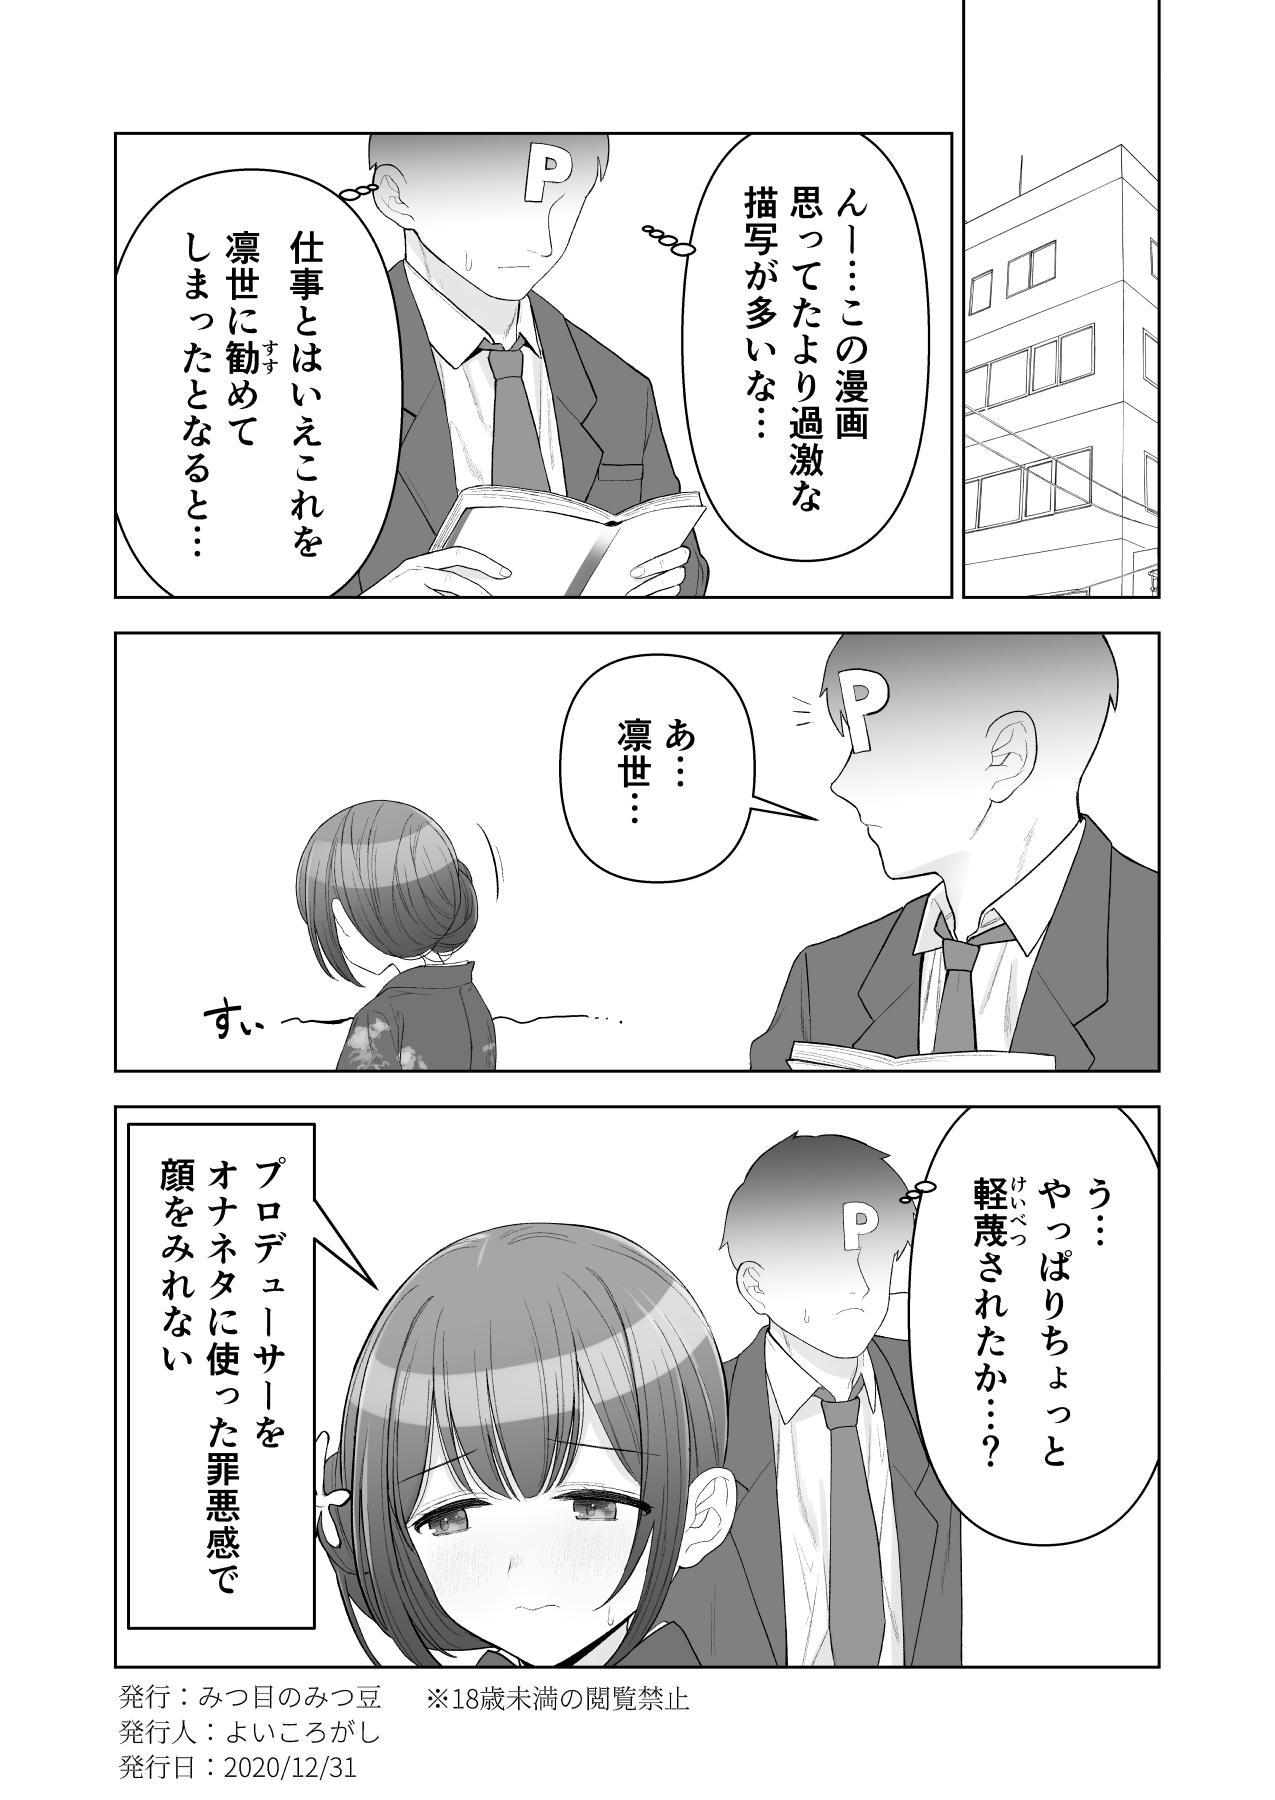 Rinze ga Producer no Koto o Omotte Onanie shichau Hon 10